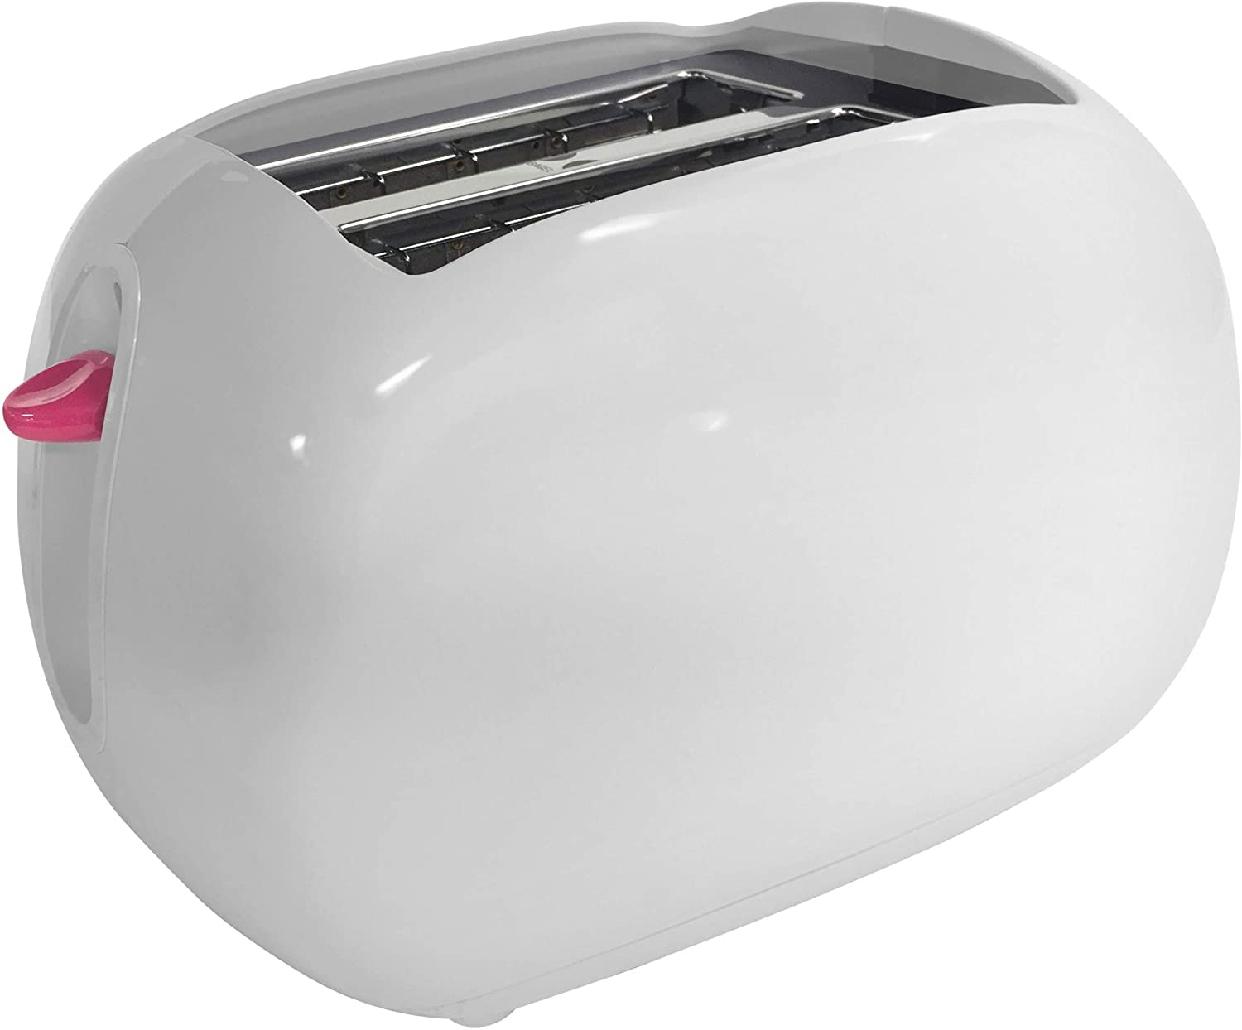 Hello Kitty(ハローキティ) ポップアップトースター 2-Slice Wide slot toaster  ホワイト KT5211の商品画像5